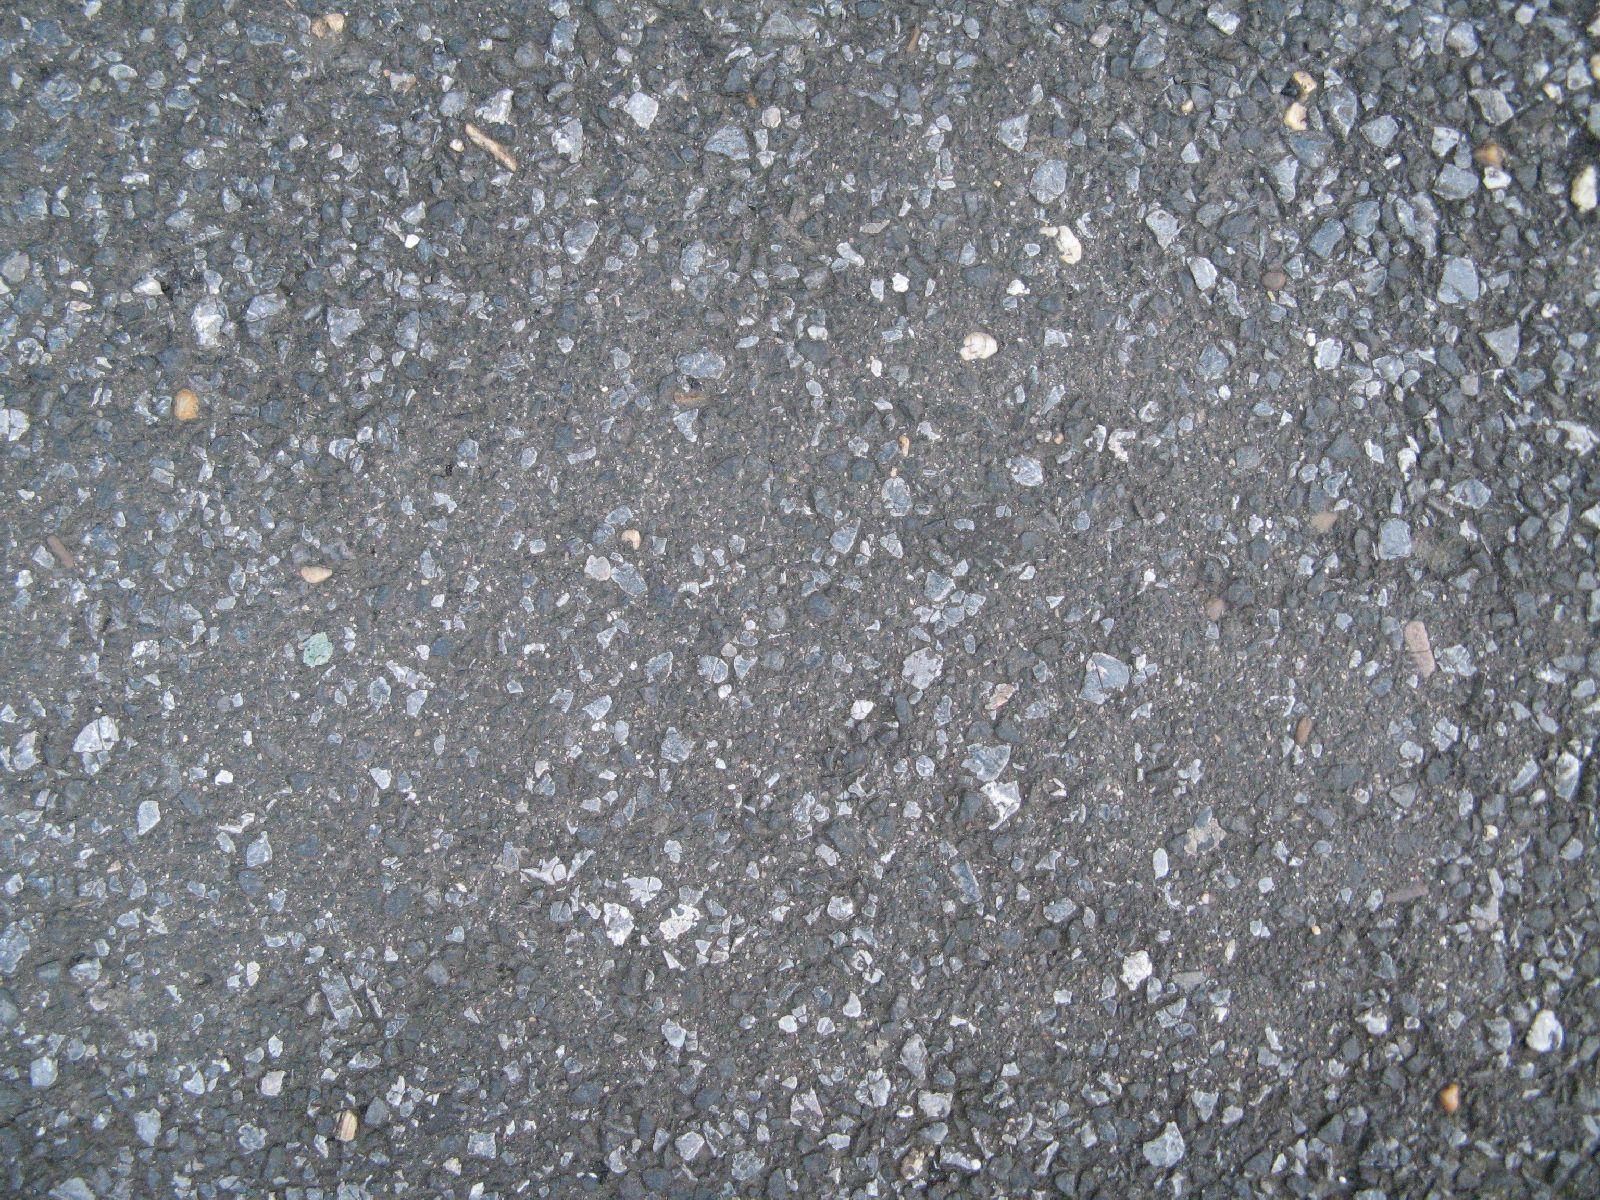 Boden-Gehweg-Strasse-Buergersteig-Textur_B_00789